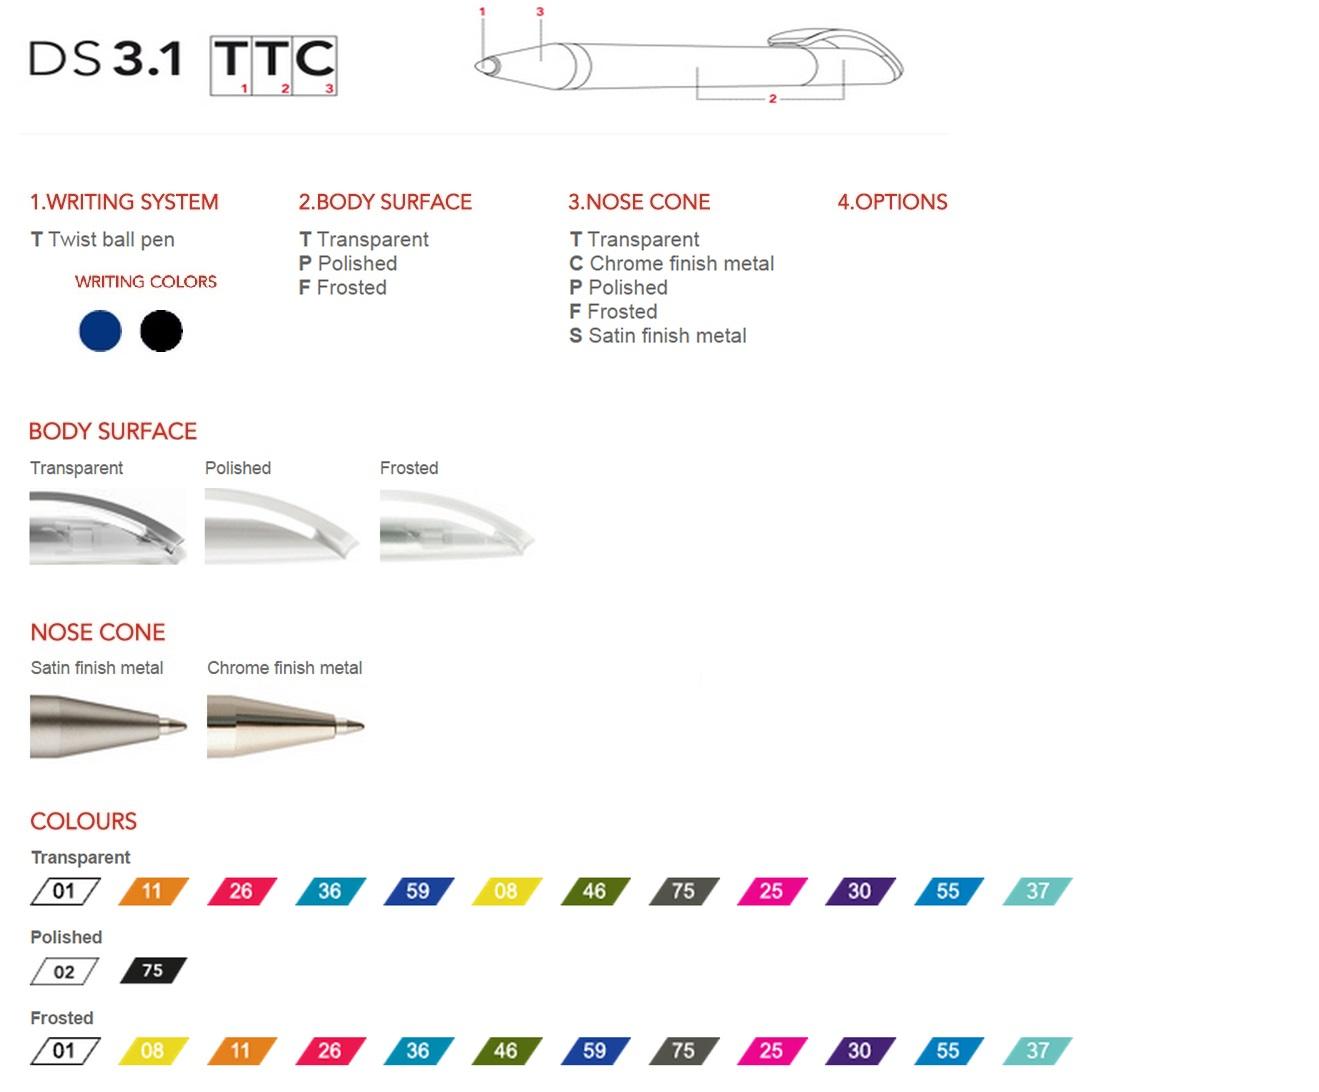 Prodir DS3.1 pennen personalisren, een overzicht van de personalisatie mogelijkheden voor de Prodir DS3.1 balpennen.